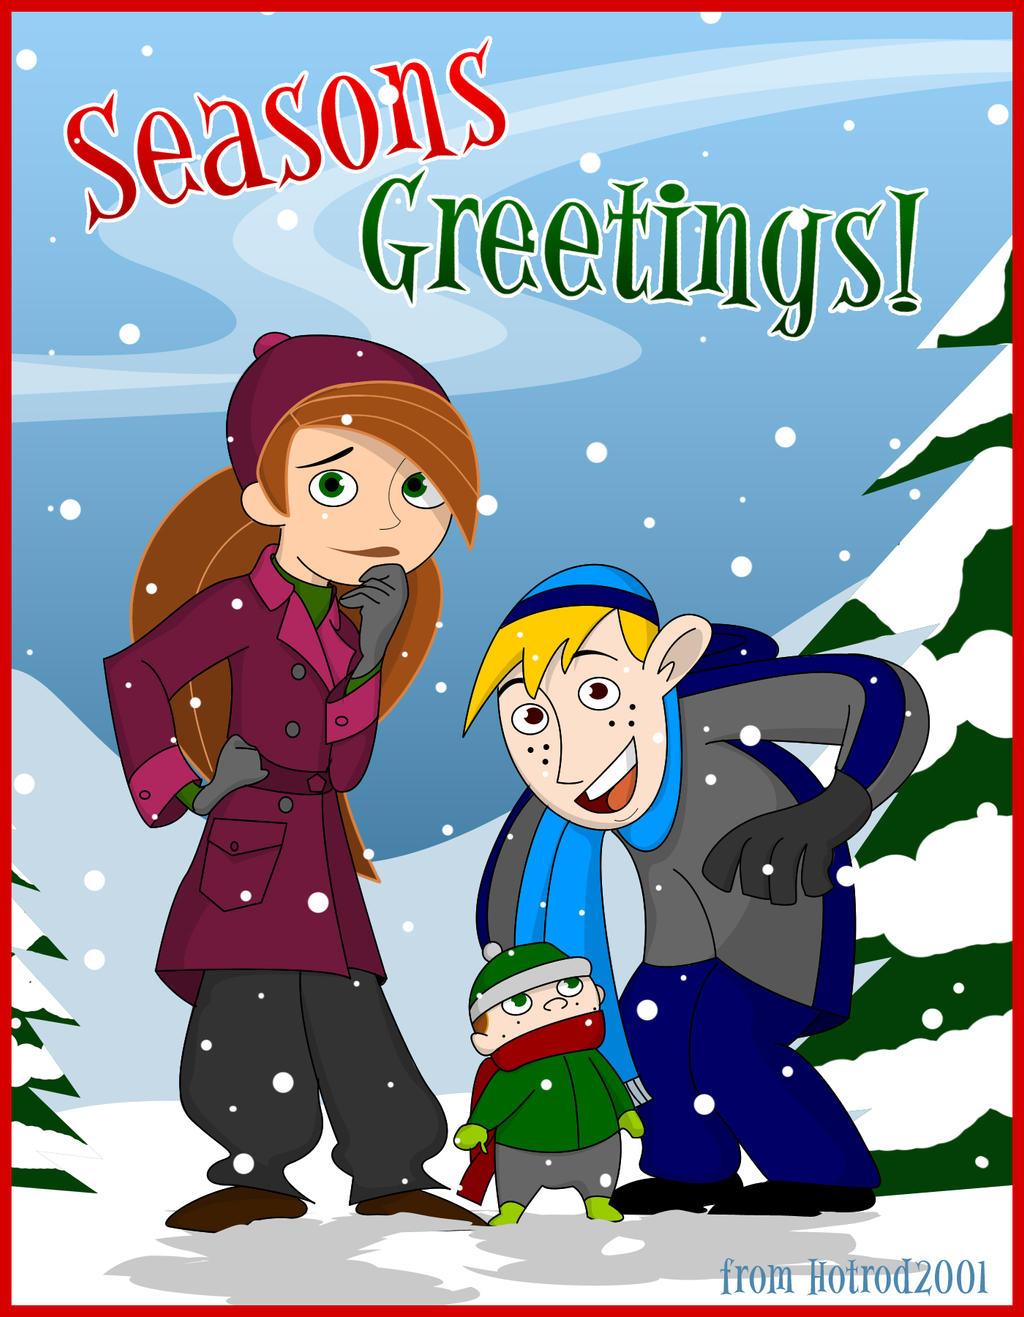 Seasons Greetings \'14 by hotrod2001 on DeviantArt